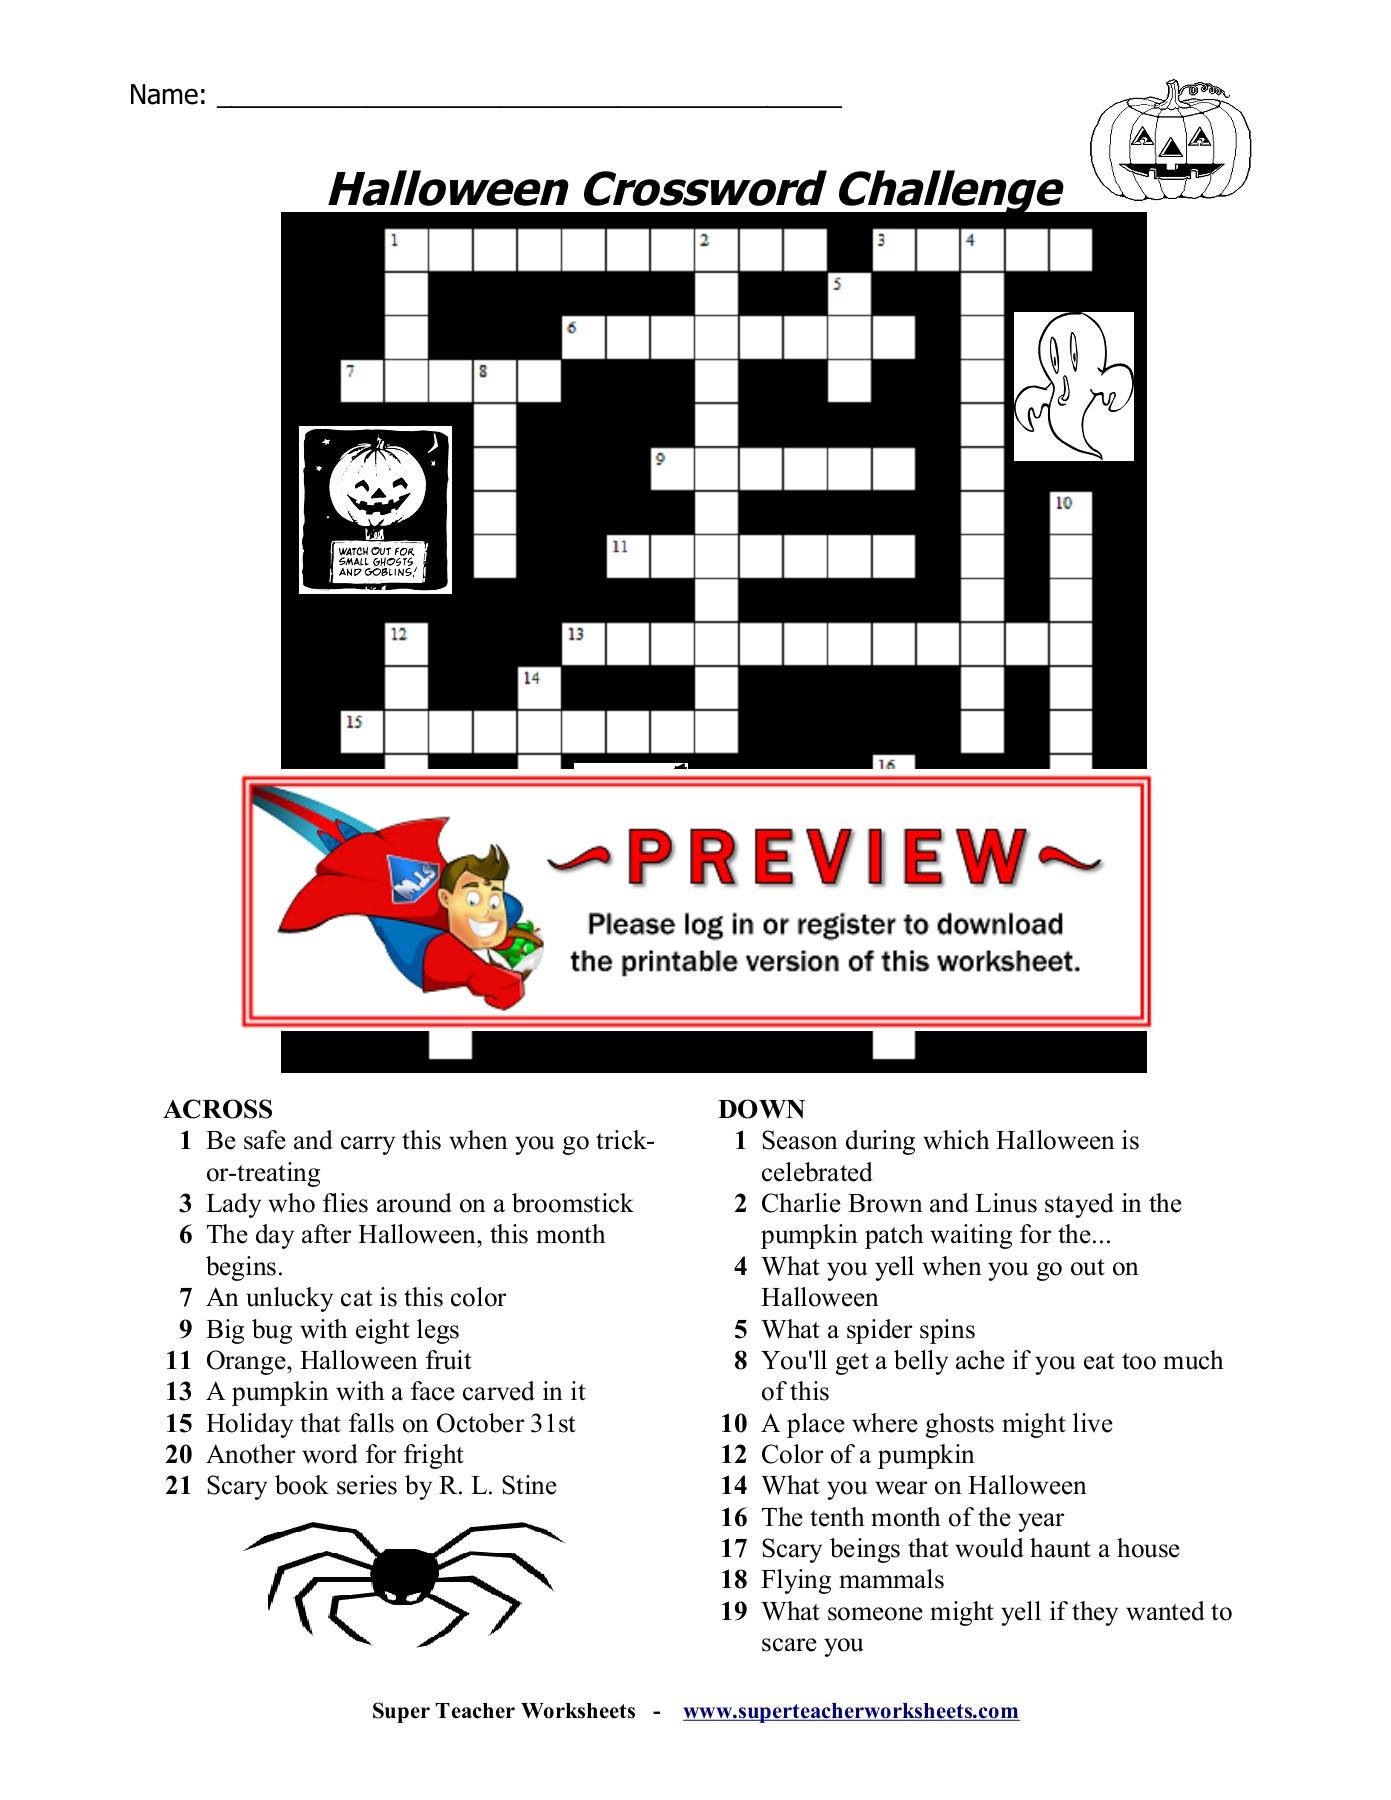 Halloween Crossword Challenge - Super Teacher Worksheets